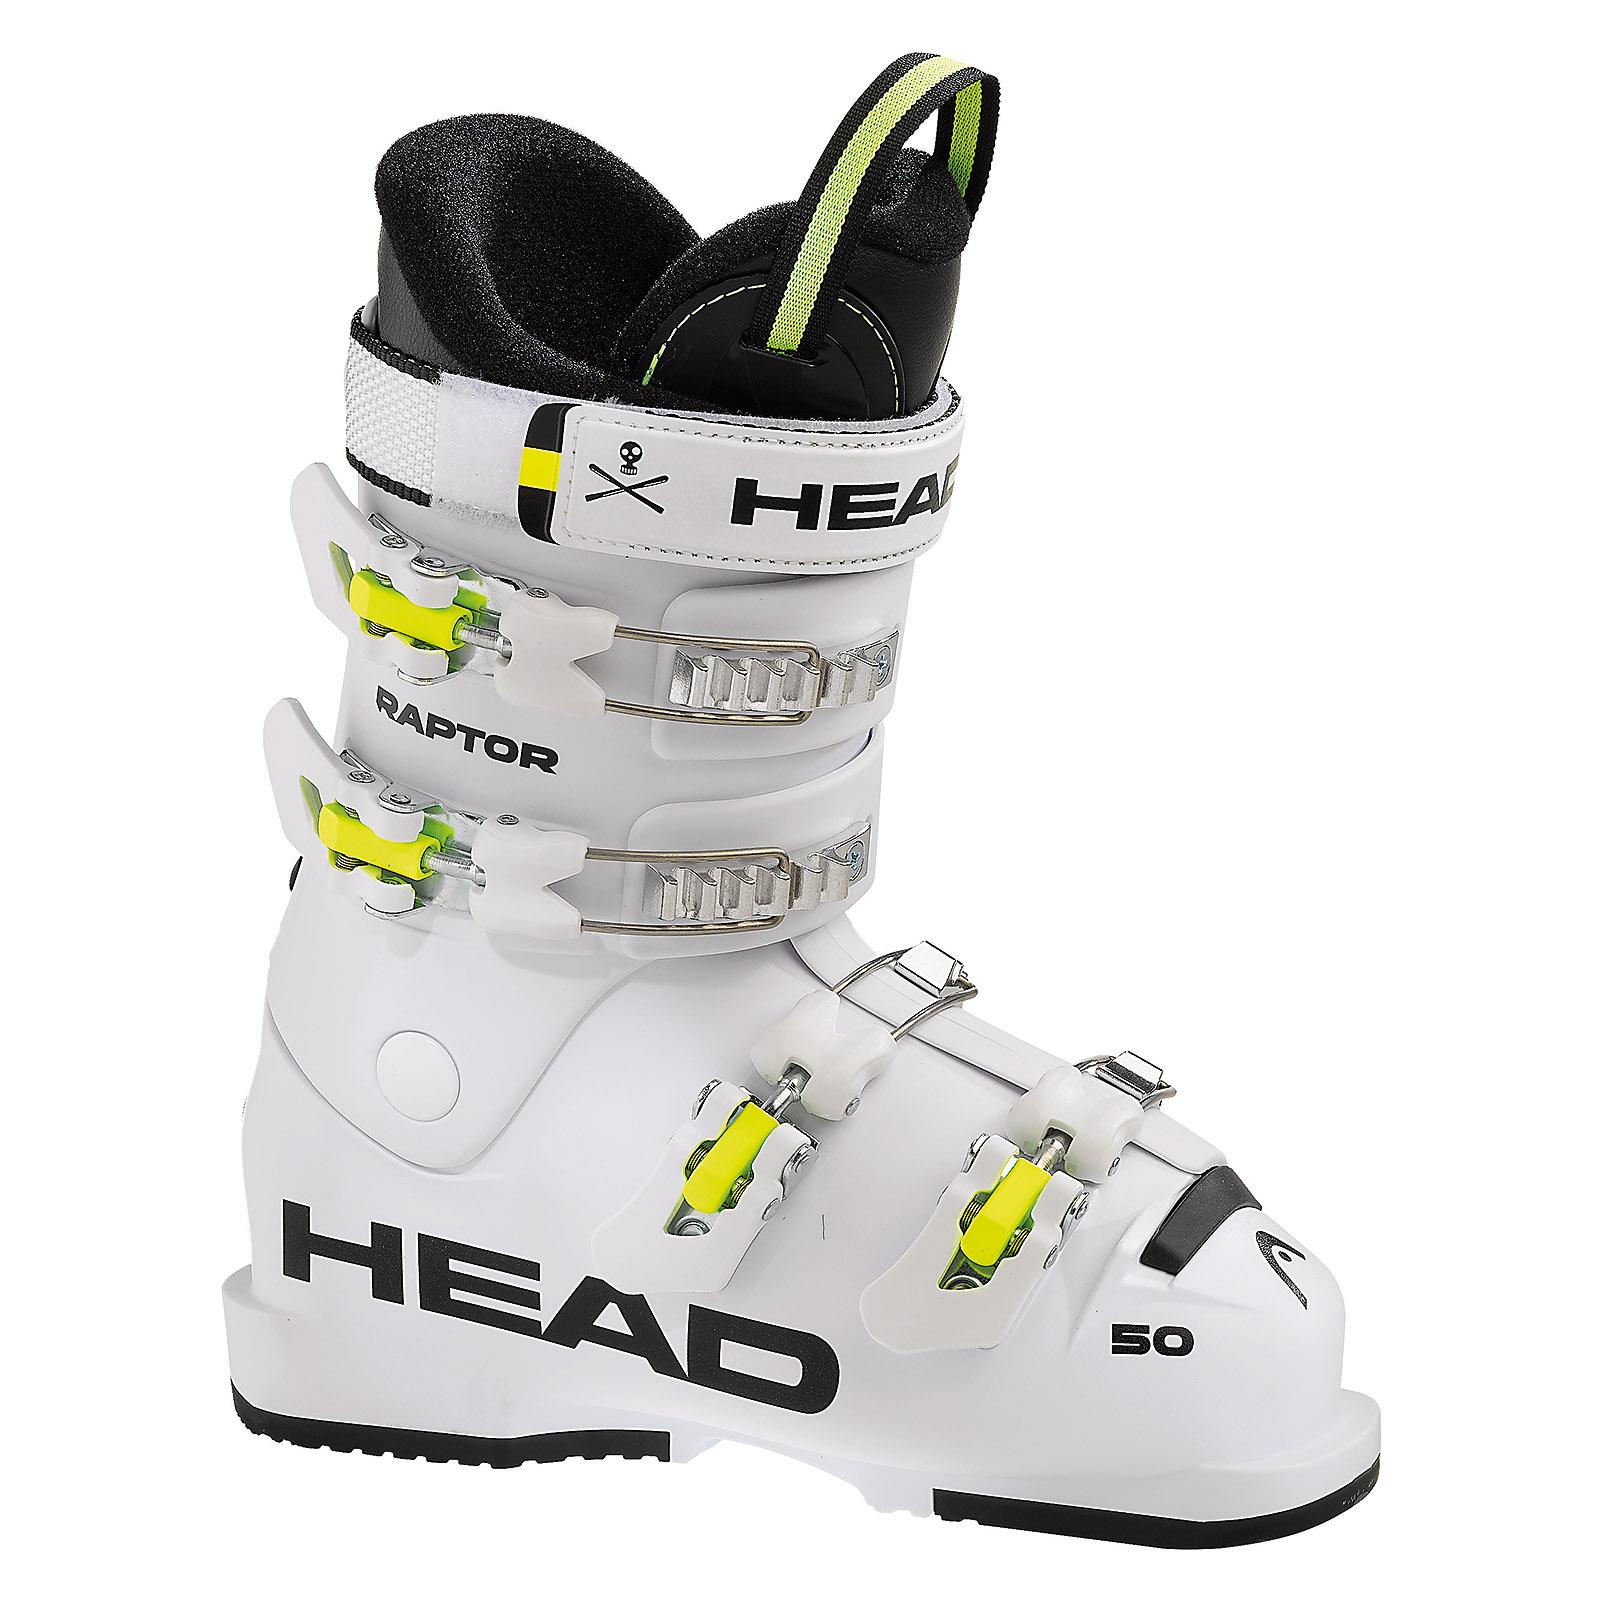 Горнолыжные ботинки HEAD 2016-17 Raptor 50 white - купить недорого ... 84686aeba93